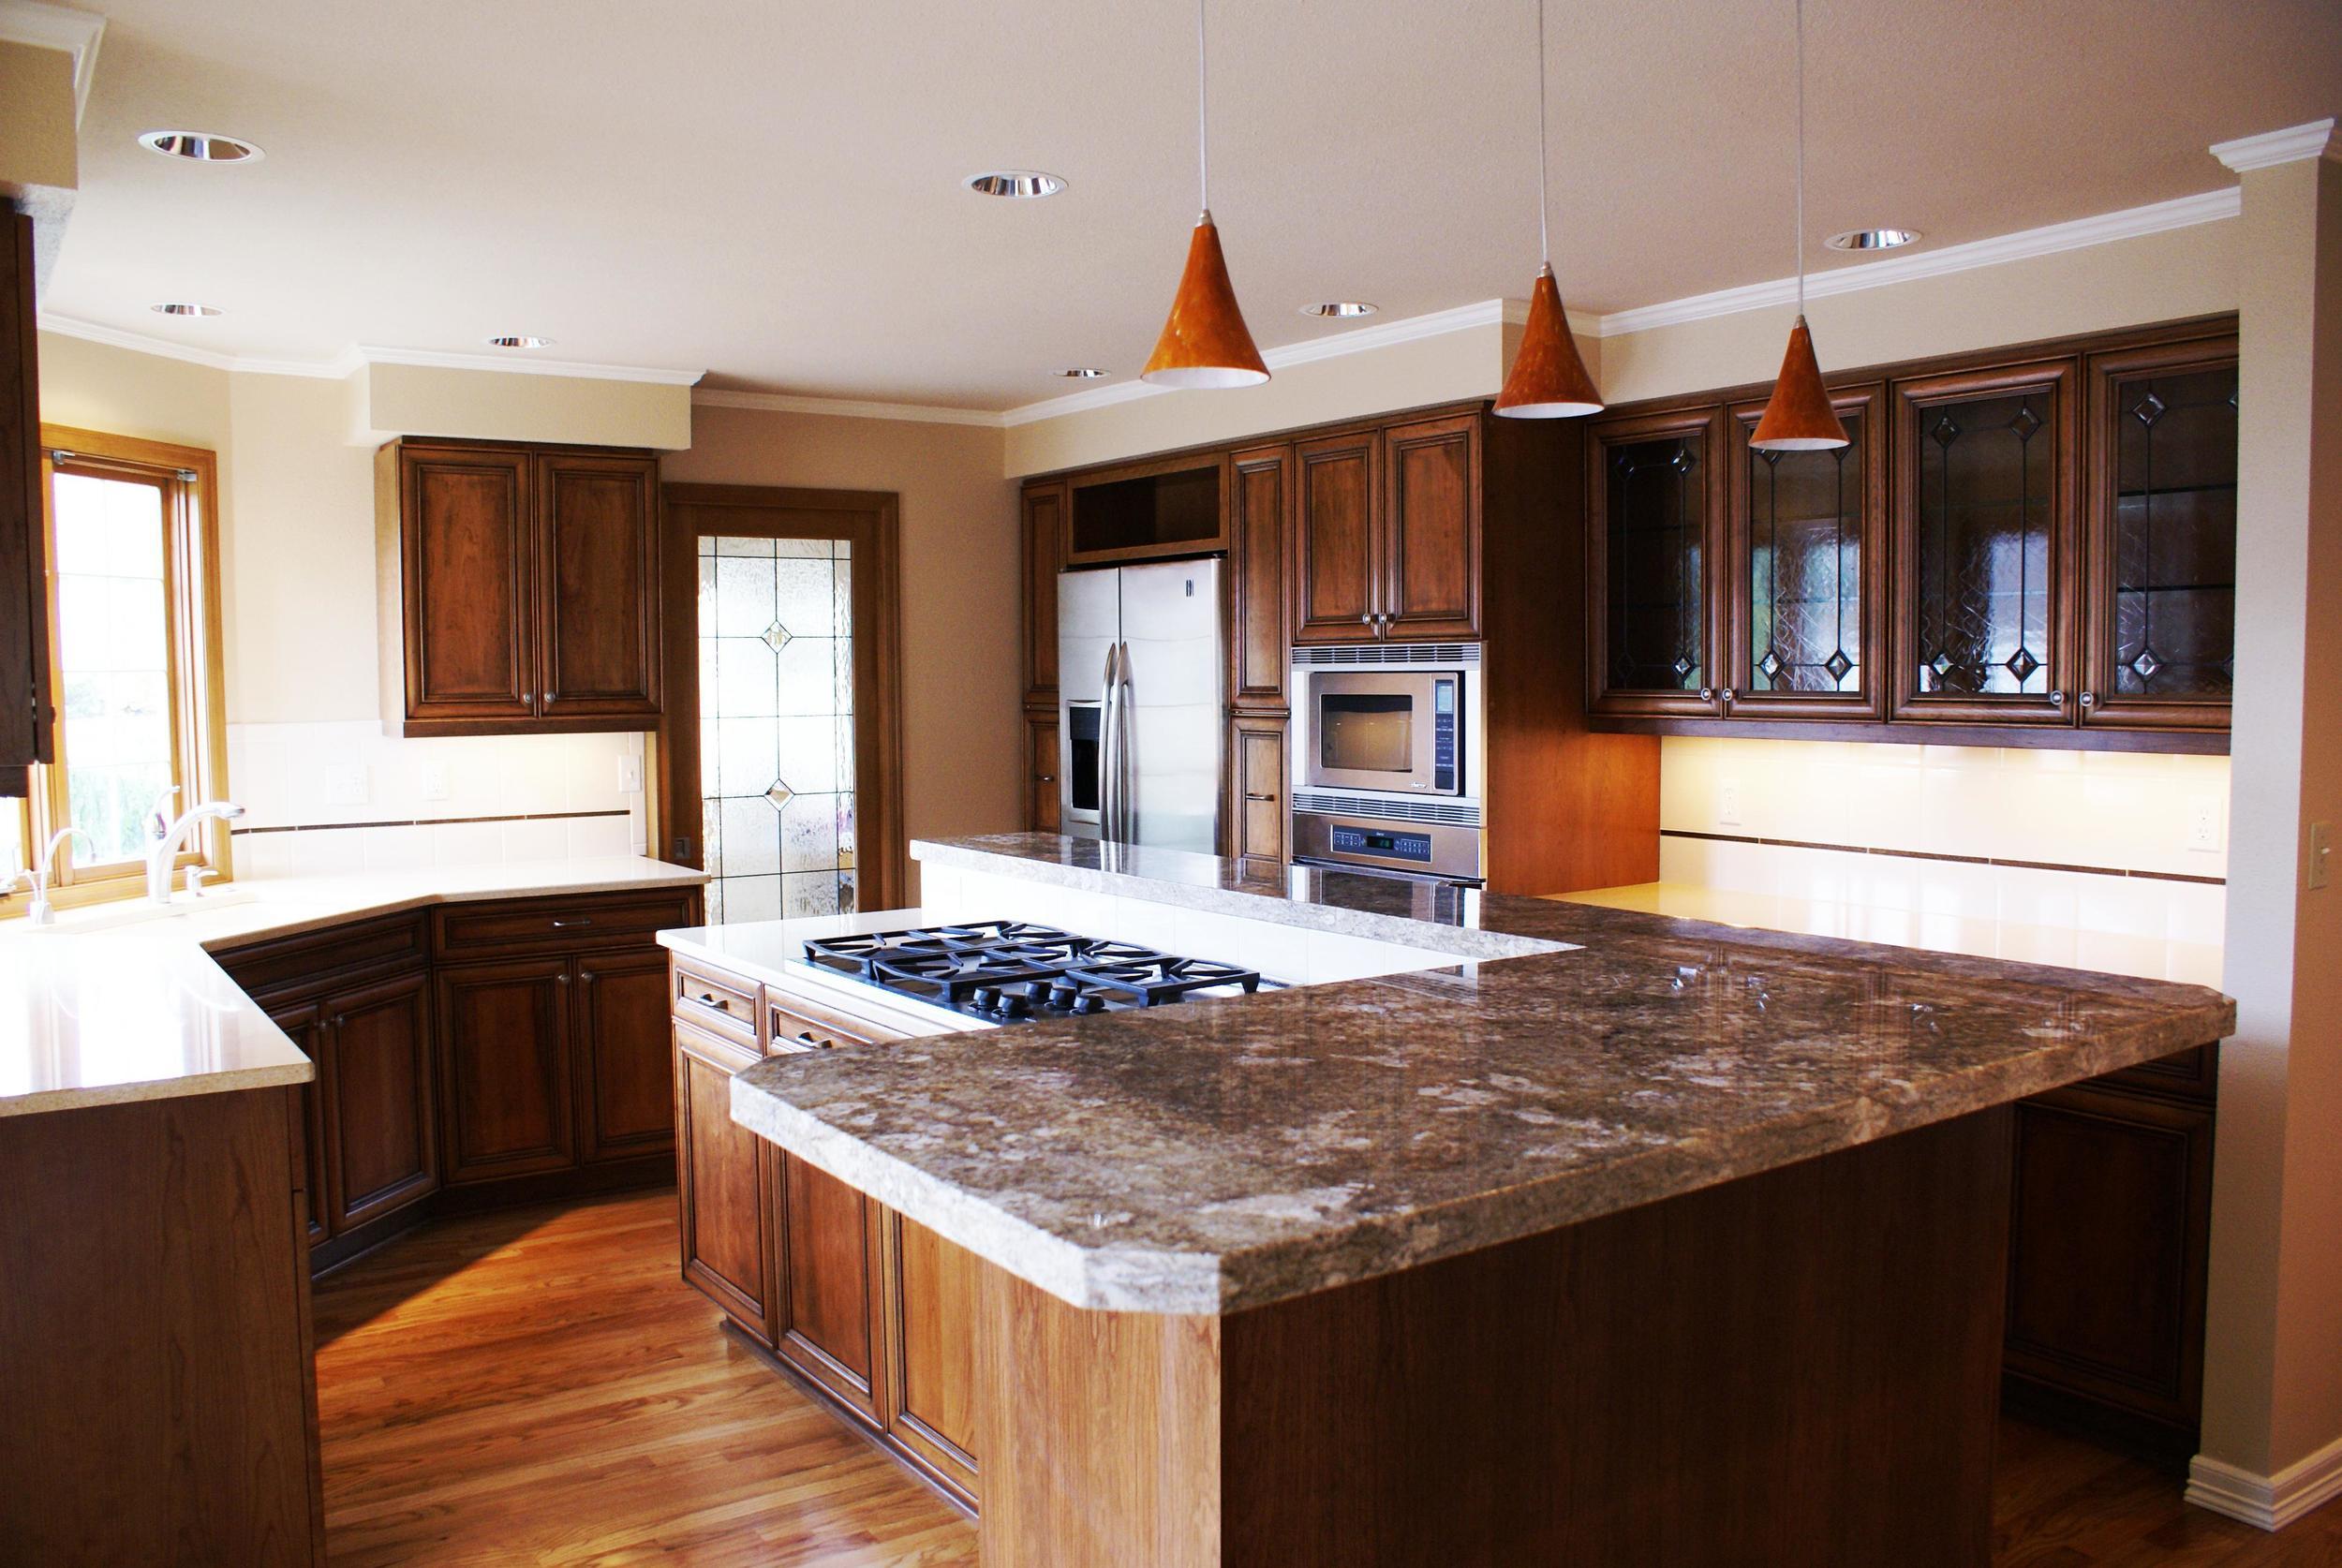 Emerald Design kitchen.JPG